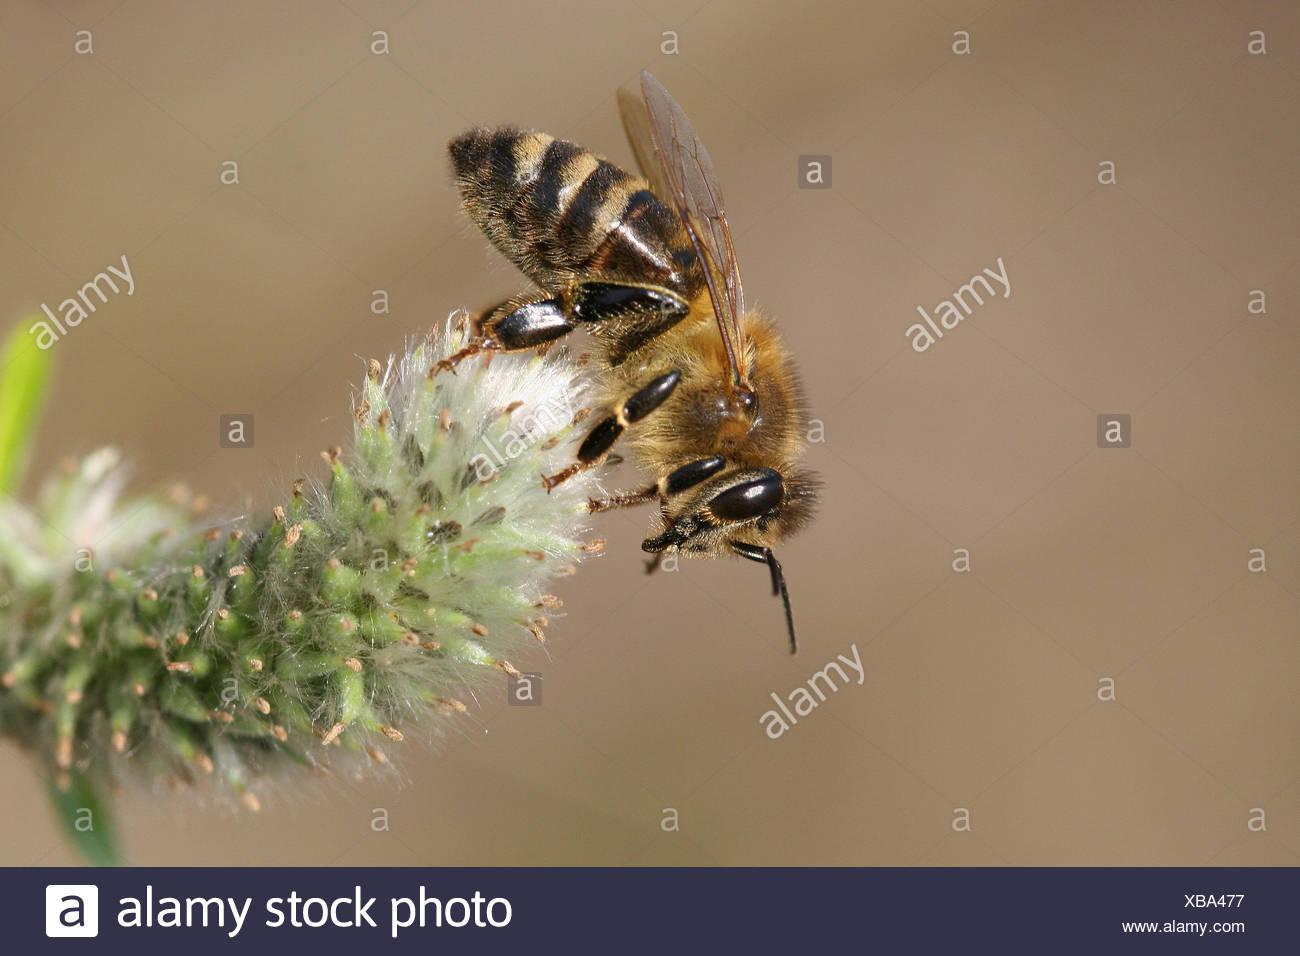 Occidental Europeo de miel de abejas o miel de abejas (Apis mellifera) en una cabra flor de sauce (Salix caprea), Turingia, Alemania Foto de stock